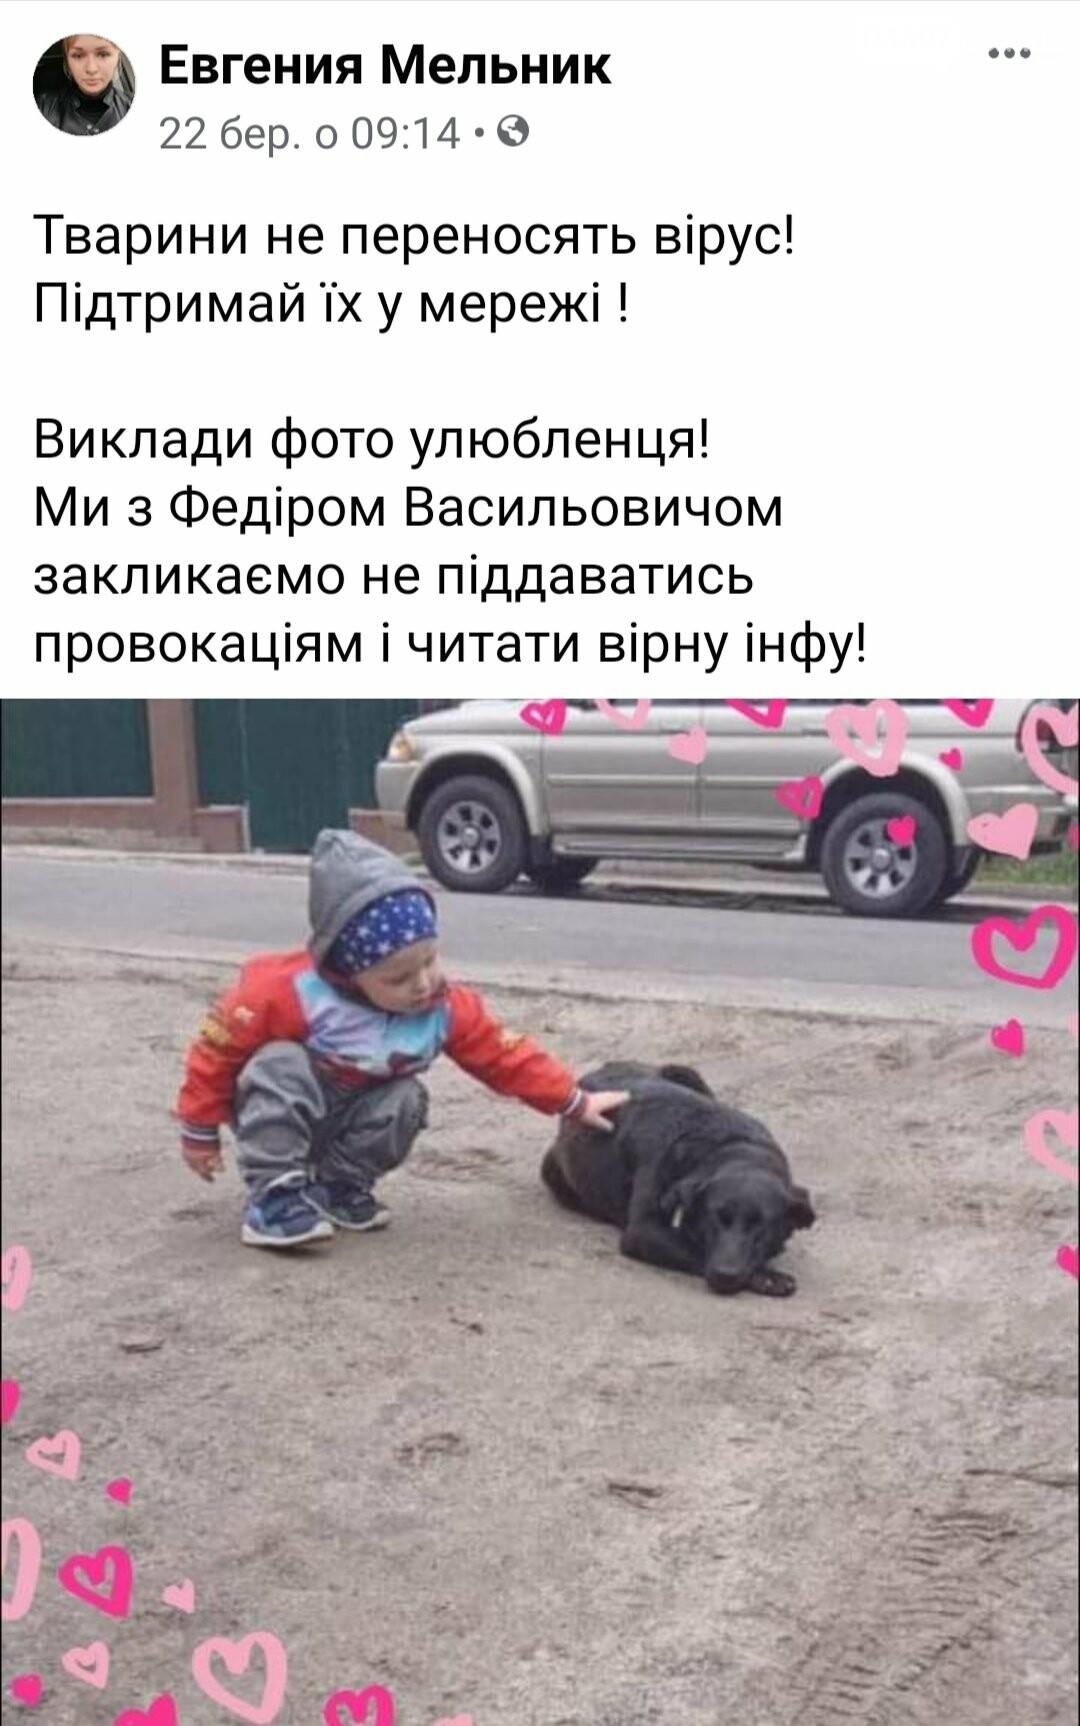 Тварини не заразні: в мережі шириться флешмоб на підтримку домашніх улюбленців, фото-2